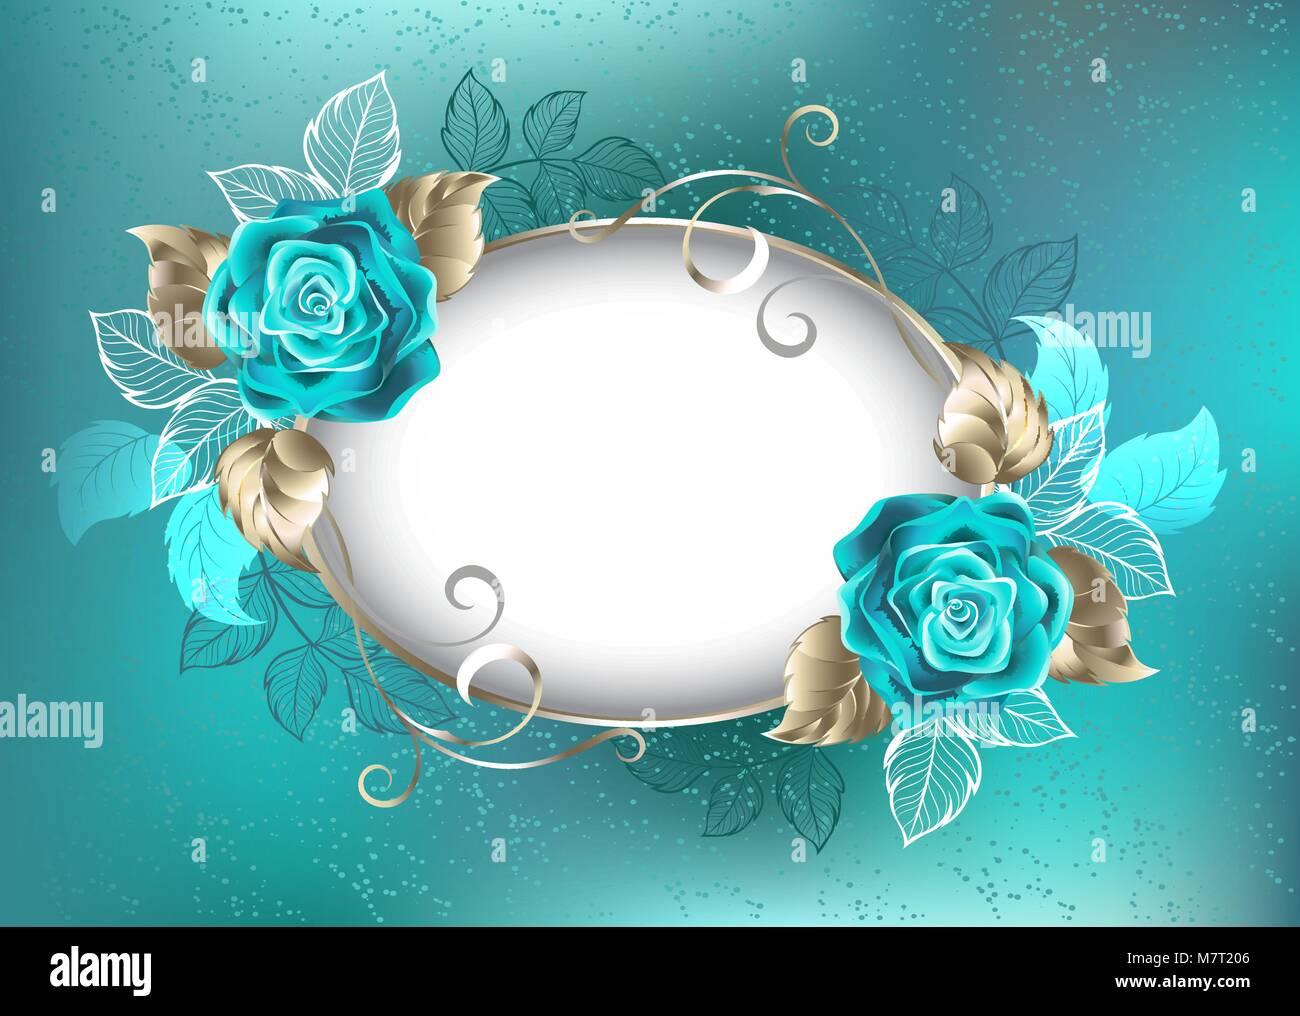 Ovale Luce Banner Decorata Con Turchesi Rose Con Foglie Di Oro